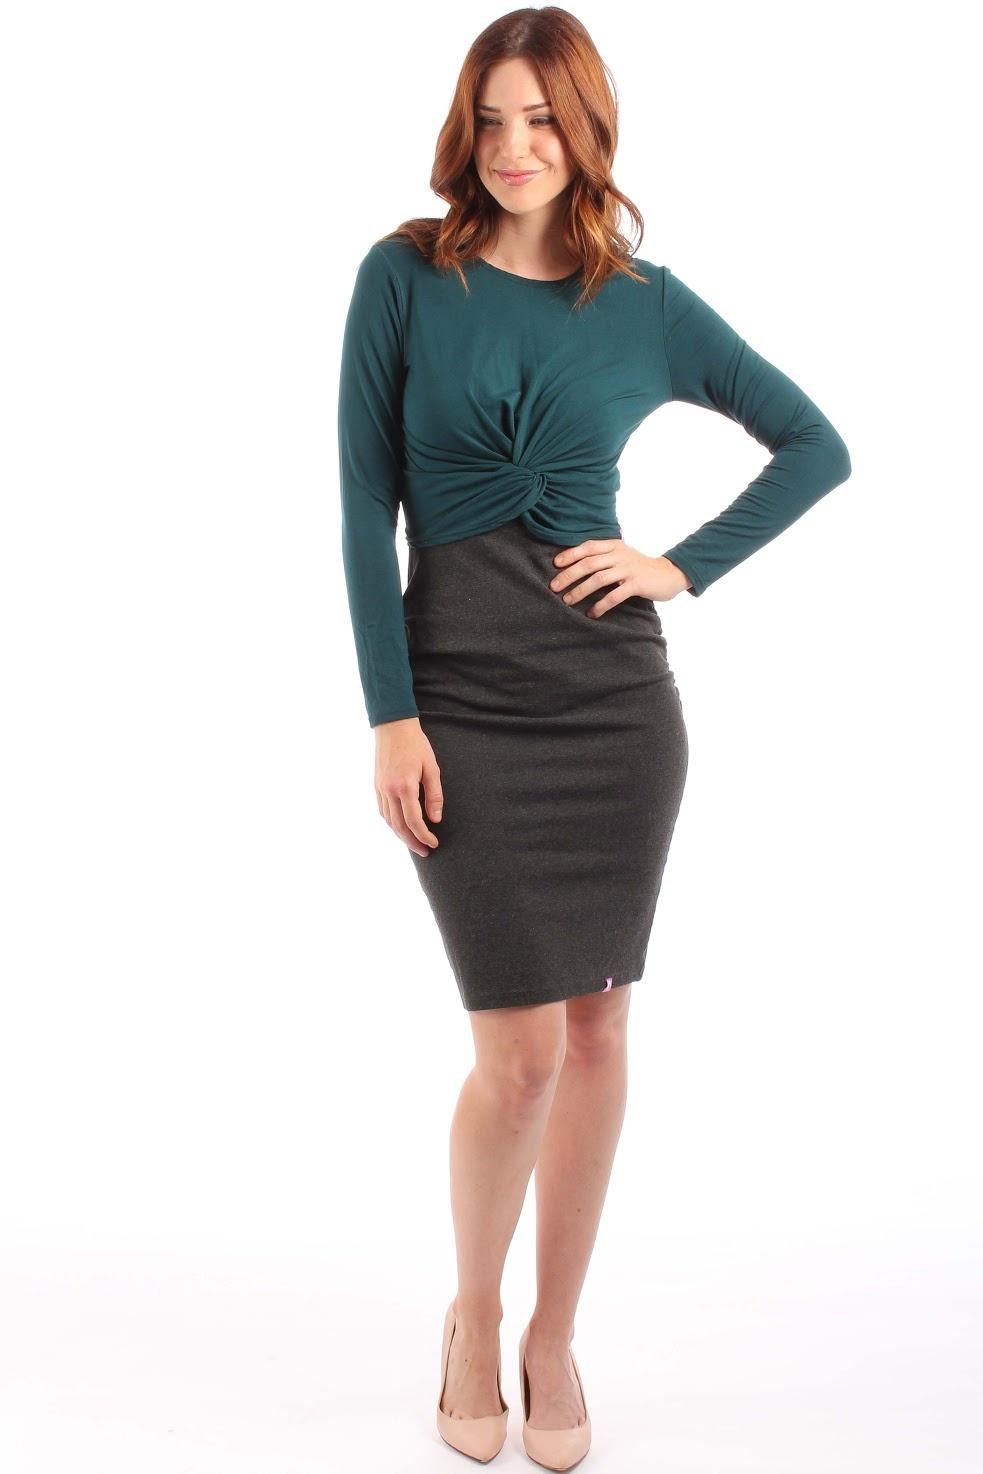 Lait De Poule LDP pencil skirt base dress grey